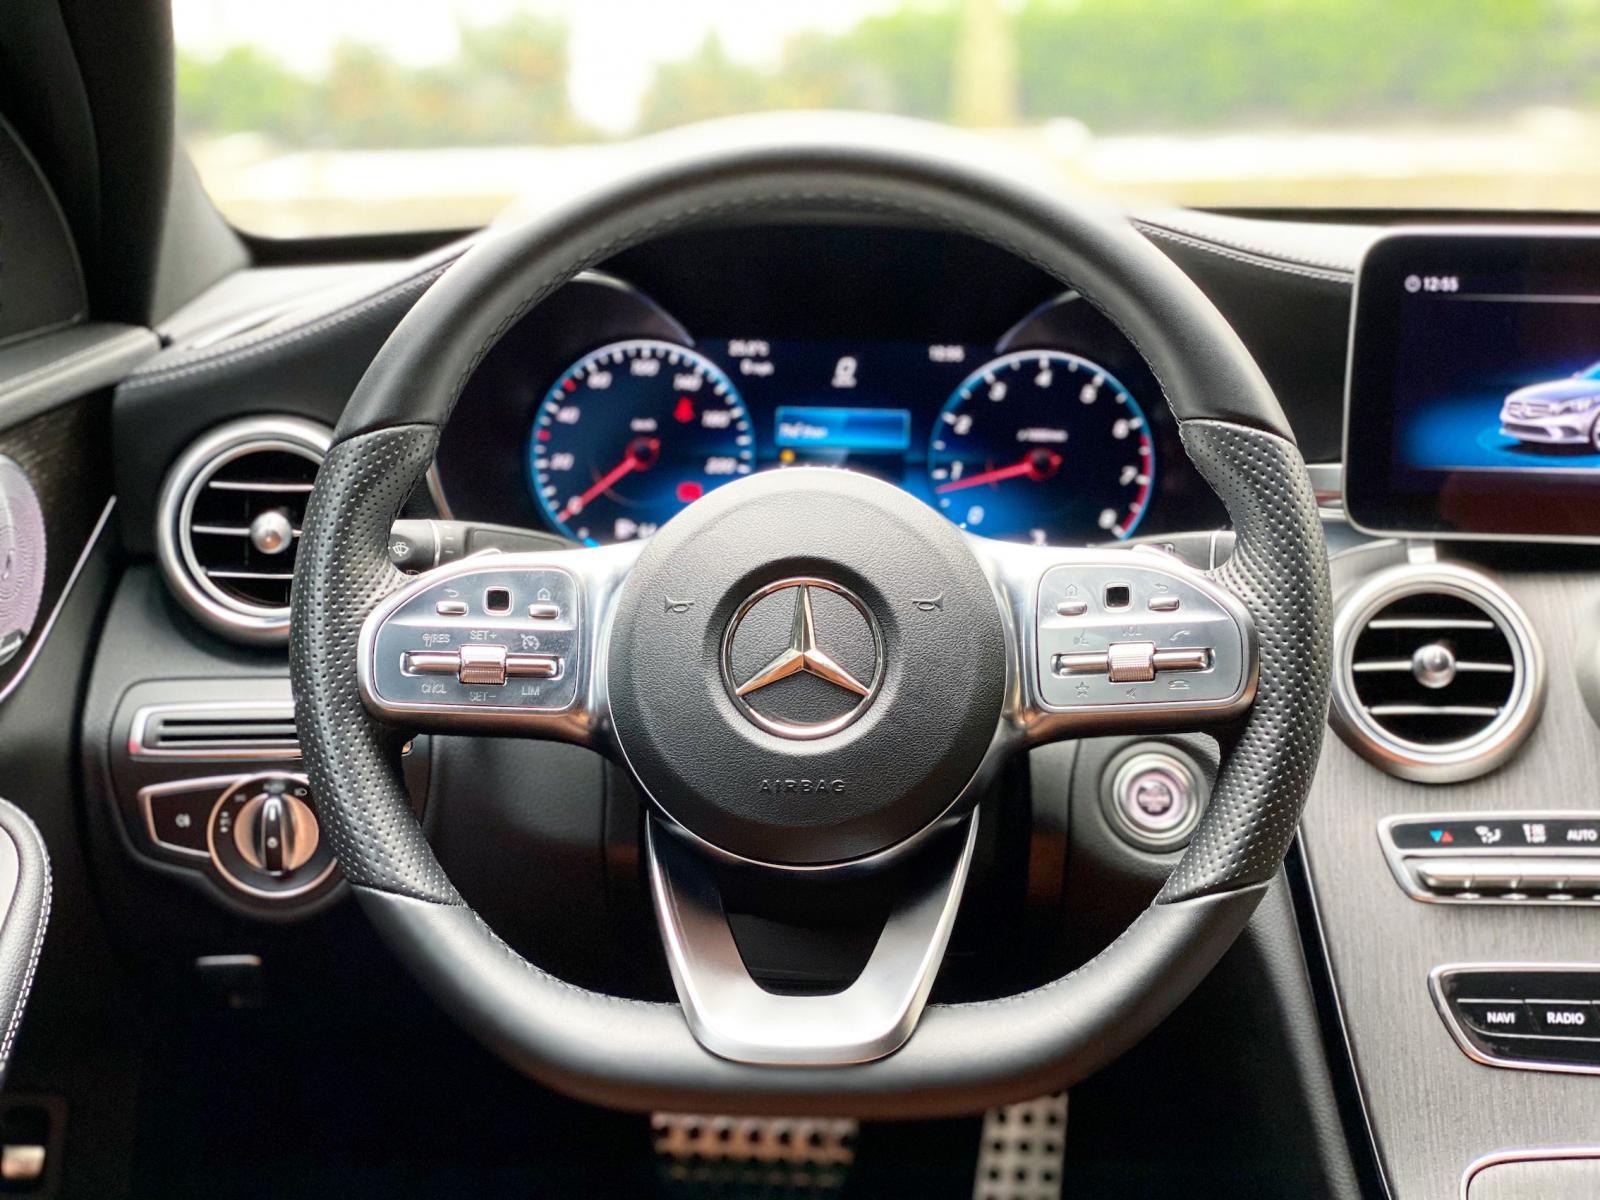 Bán Mercedes C300 AMG 2020, chính chủ chạy lướt biển đẹp giá tốt